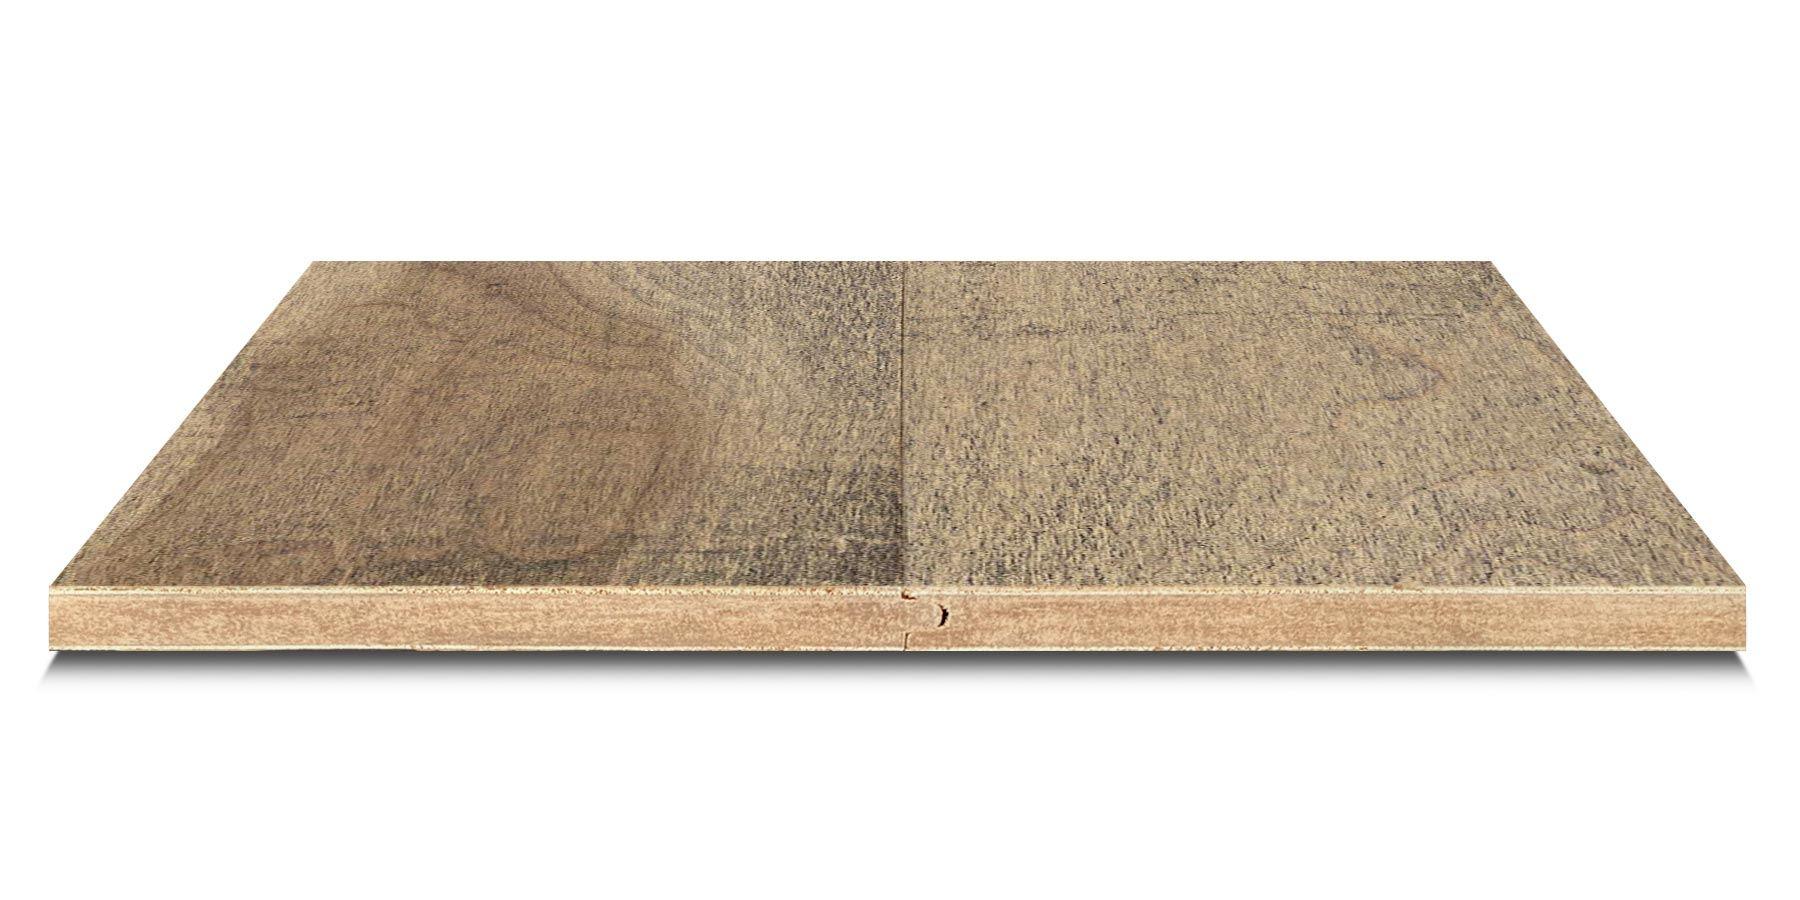 Wilmette Engineered Hardwood Flooring